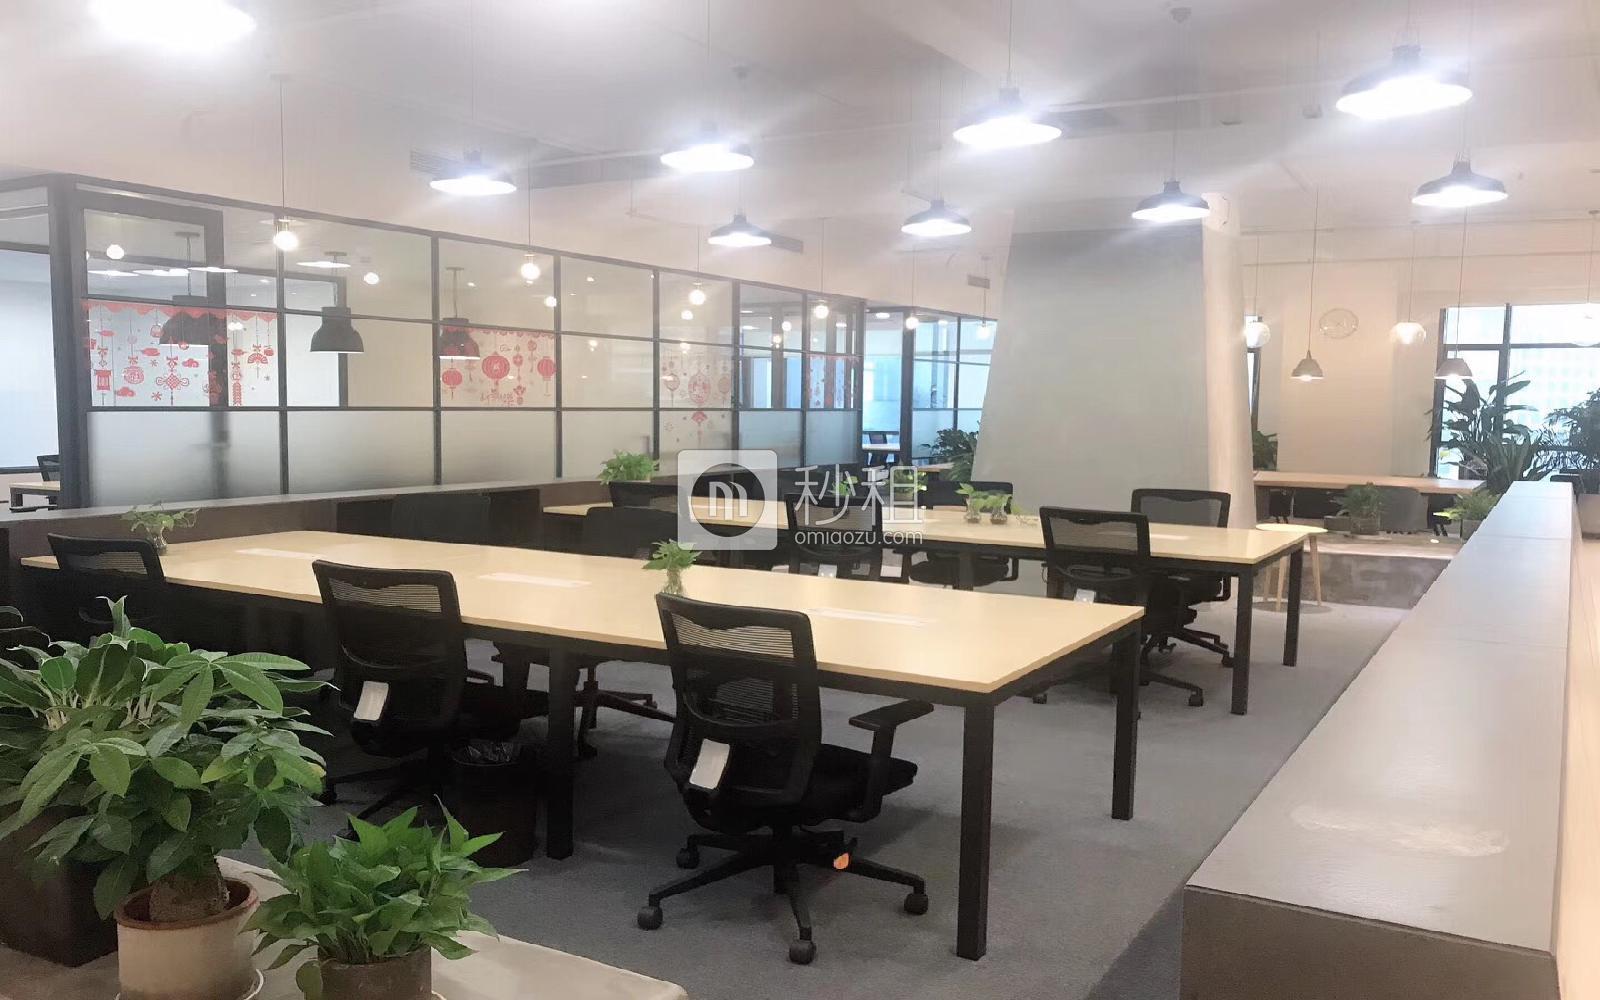 南山-科技园 泰邦科技大厦 698m²